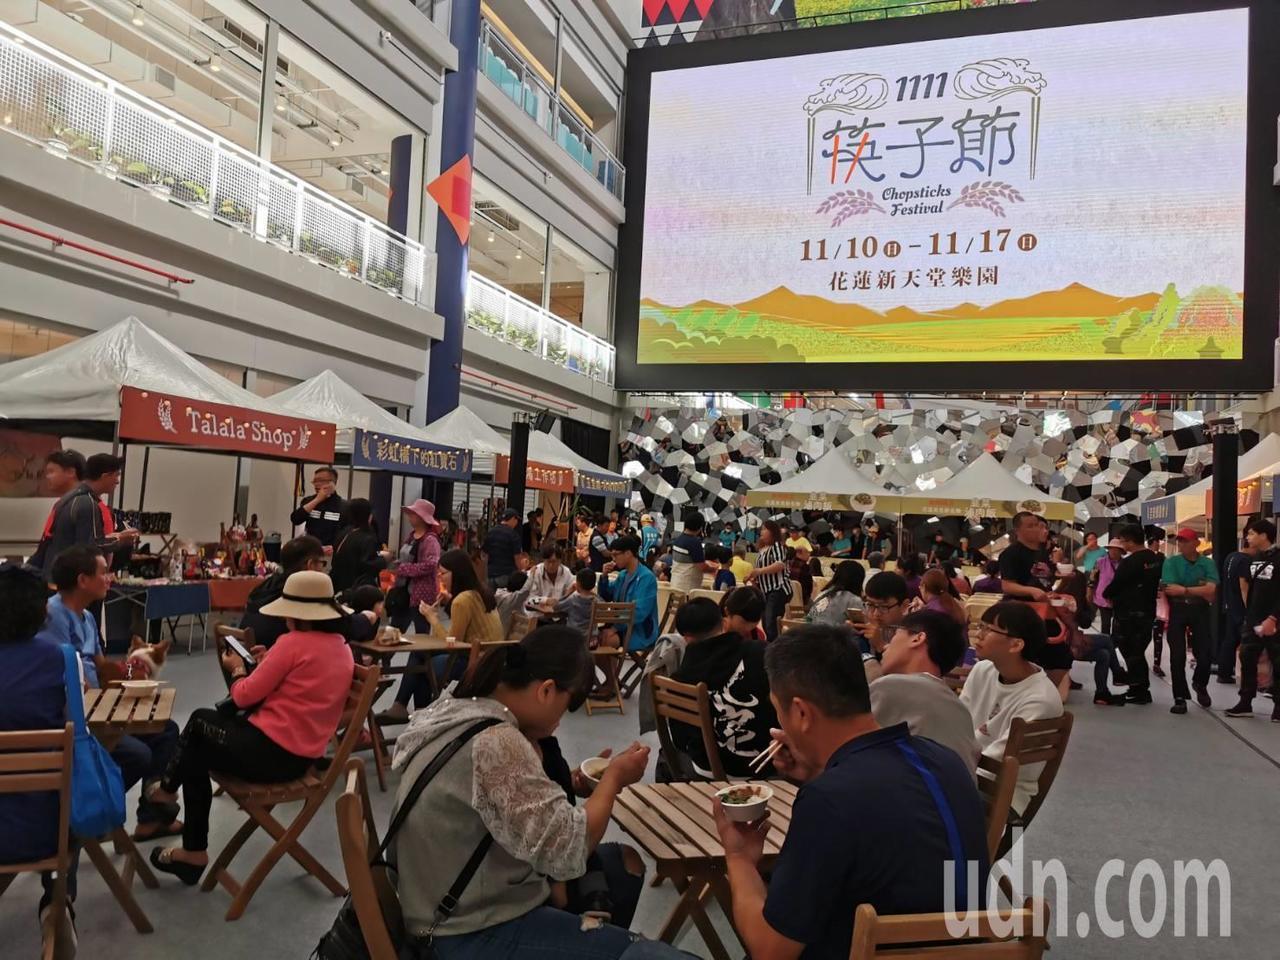 台灣第一屆「1111筷子節」今天在花蓮新天堂樂園登場,限量5000份滷肉飯免費請...